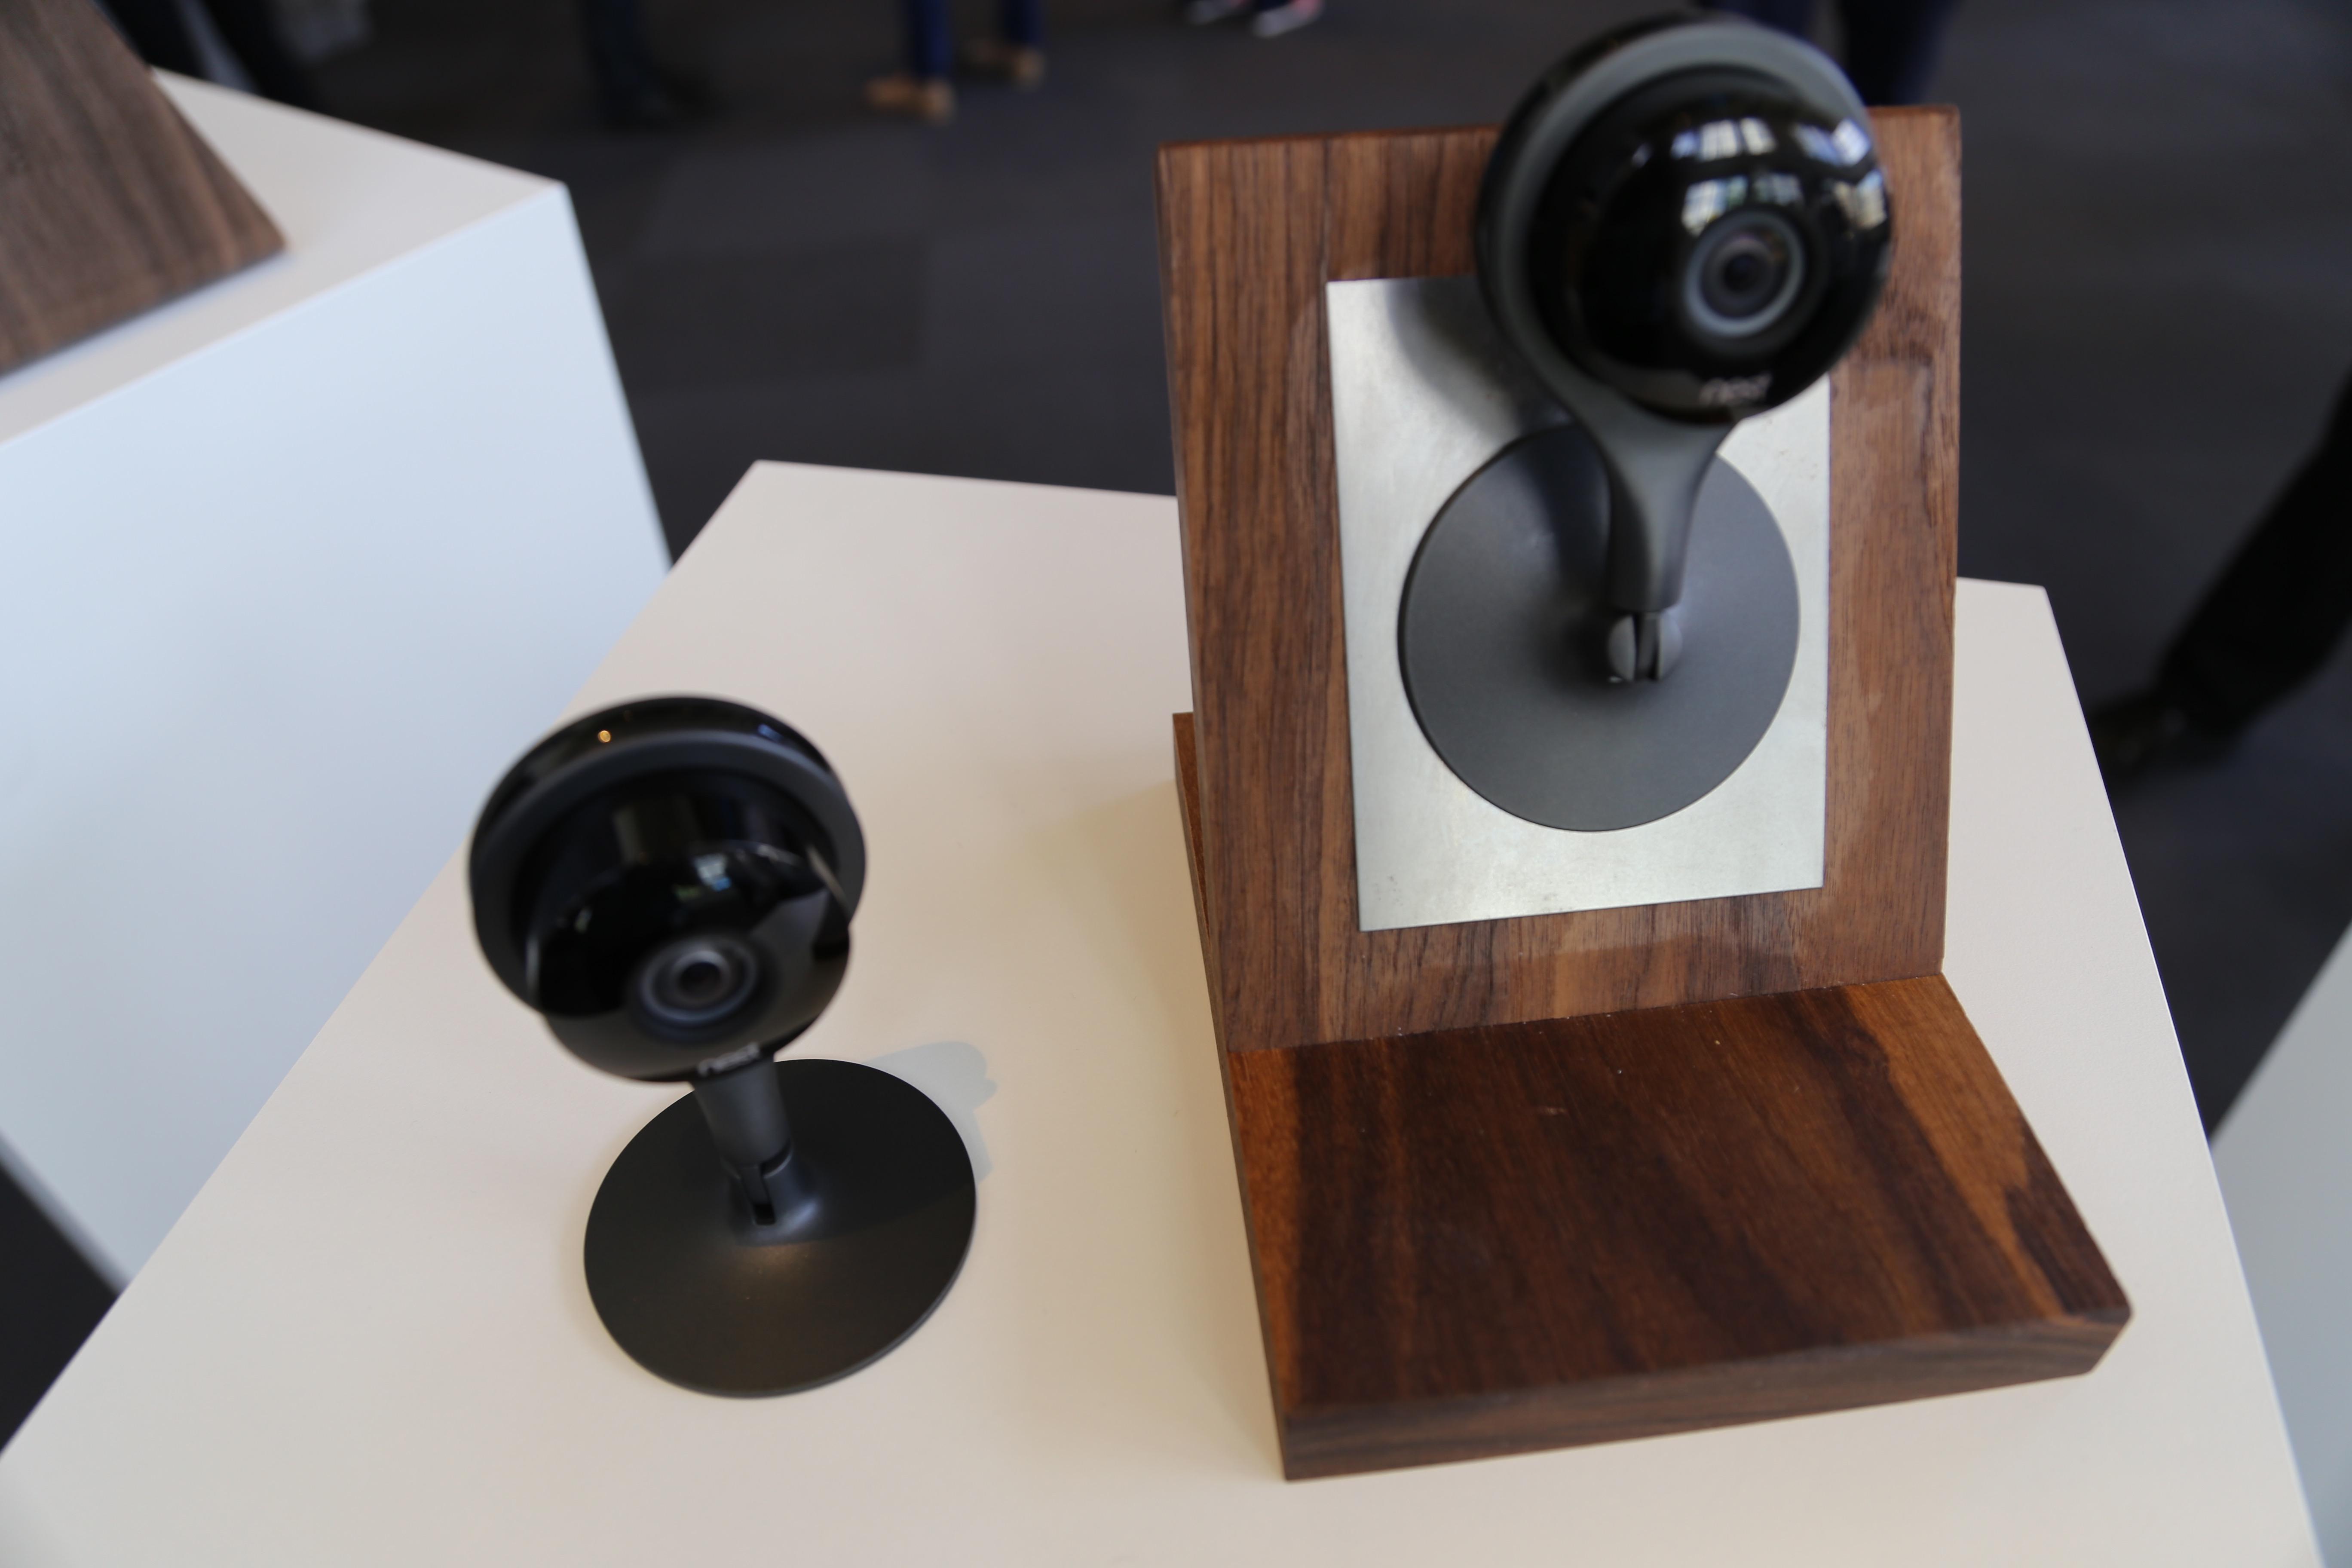 The Nest Cam, Nest's new smart home video camera.